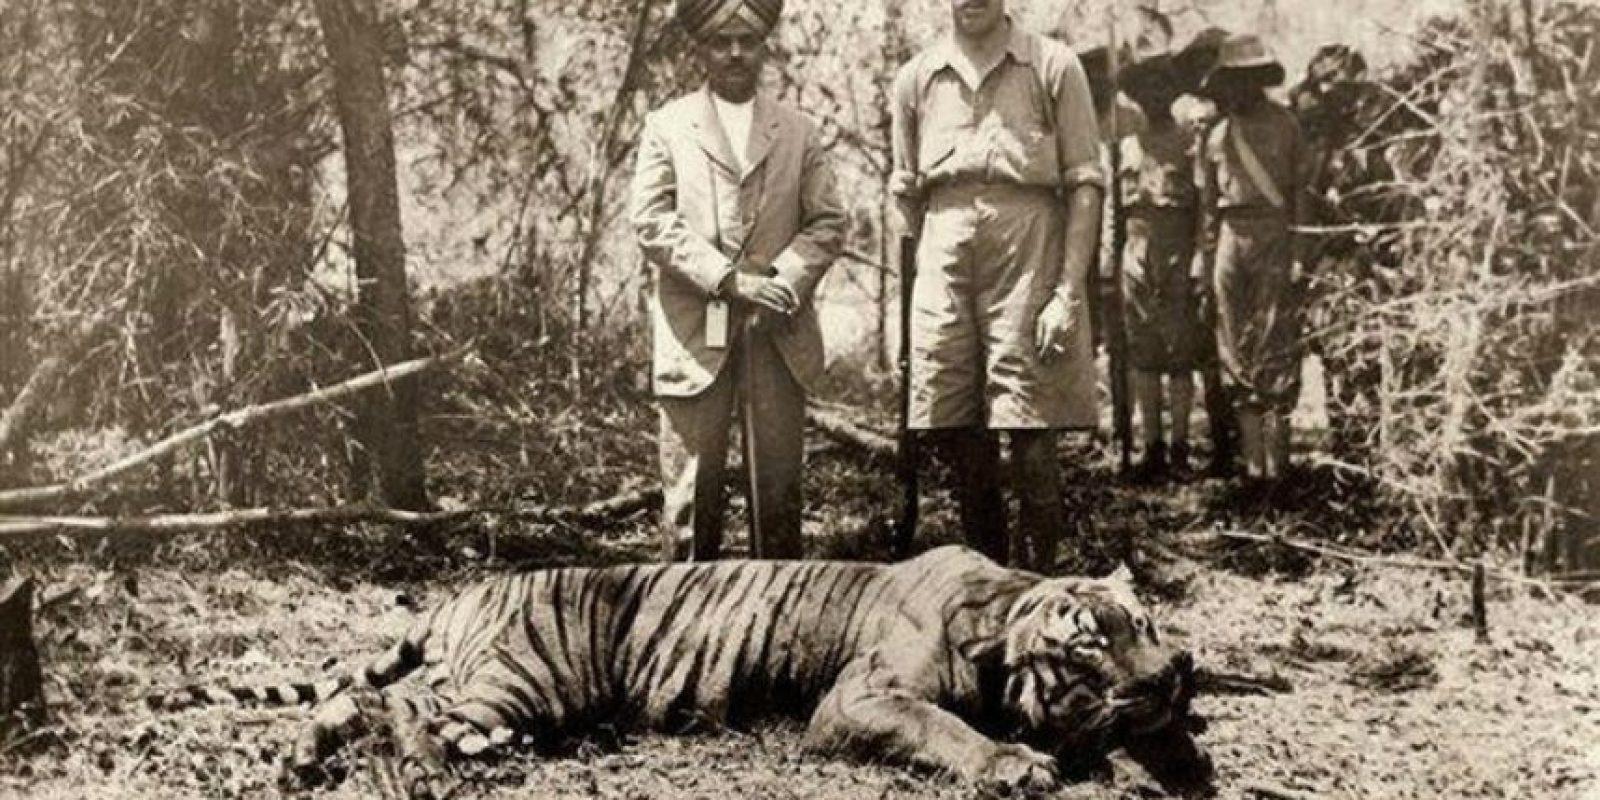 El rey de España, cazando tigres en India en 1933. Cómo hemos progresado desde entonces Foto:Twitter